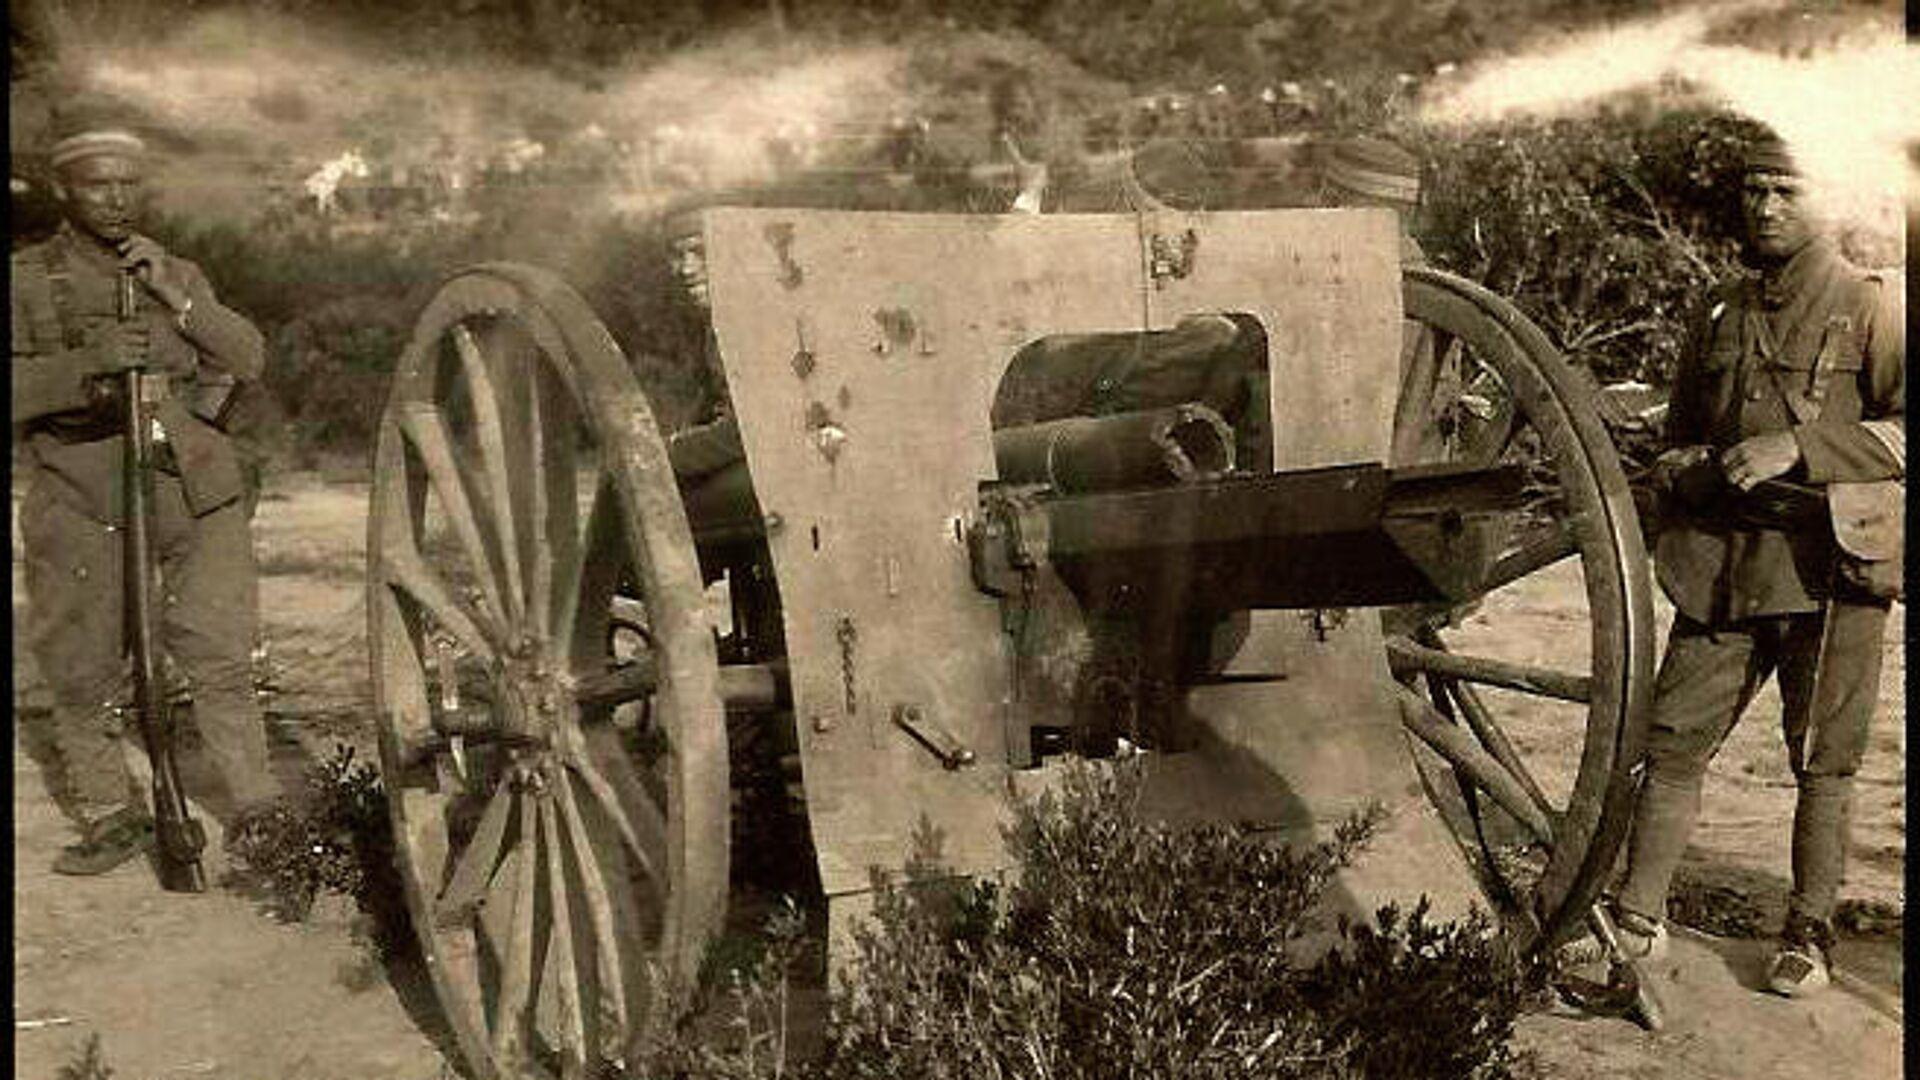 Artillería moderna y maltrecha - Sputnik Mundo, 1920, 21.07.2021